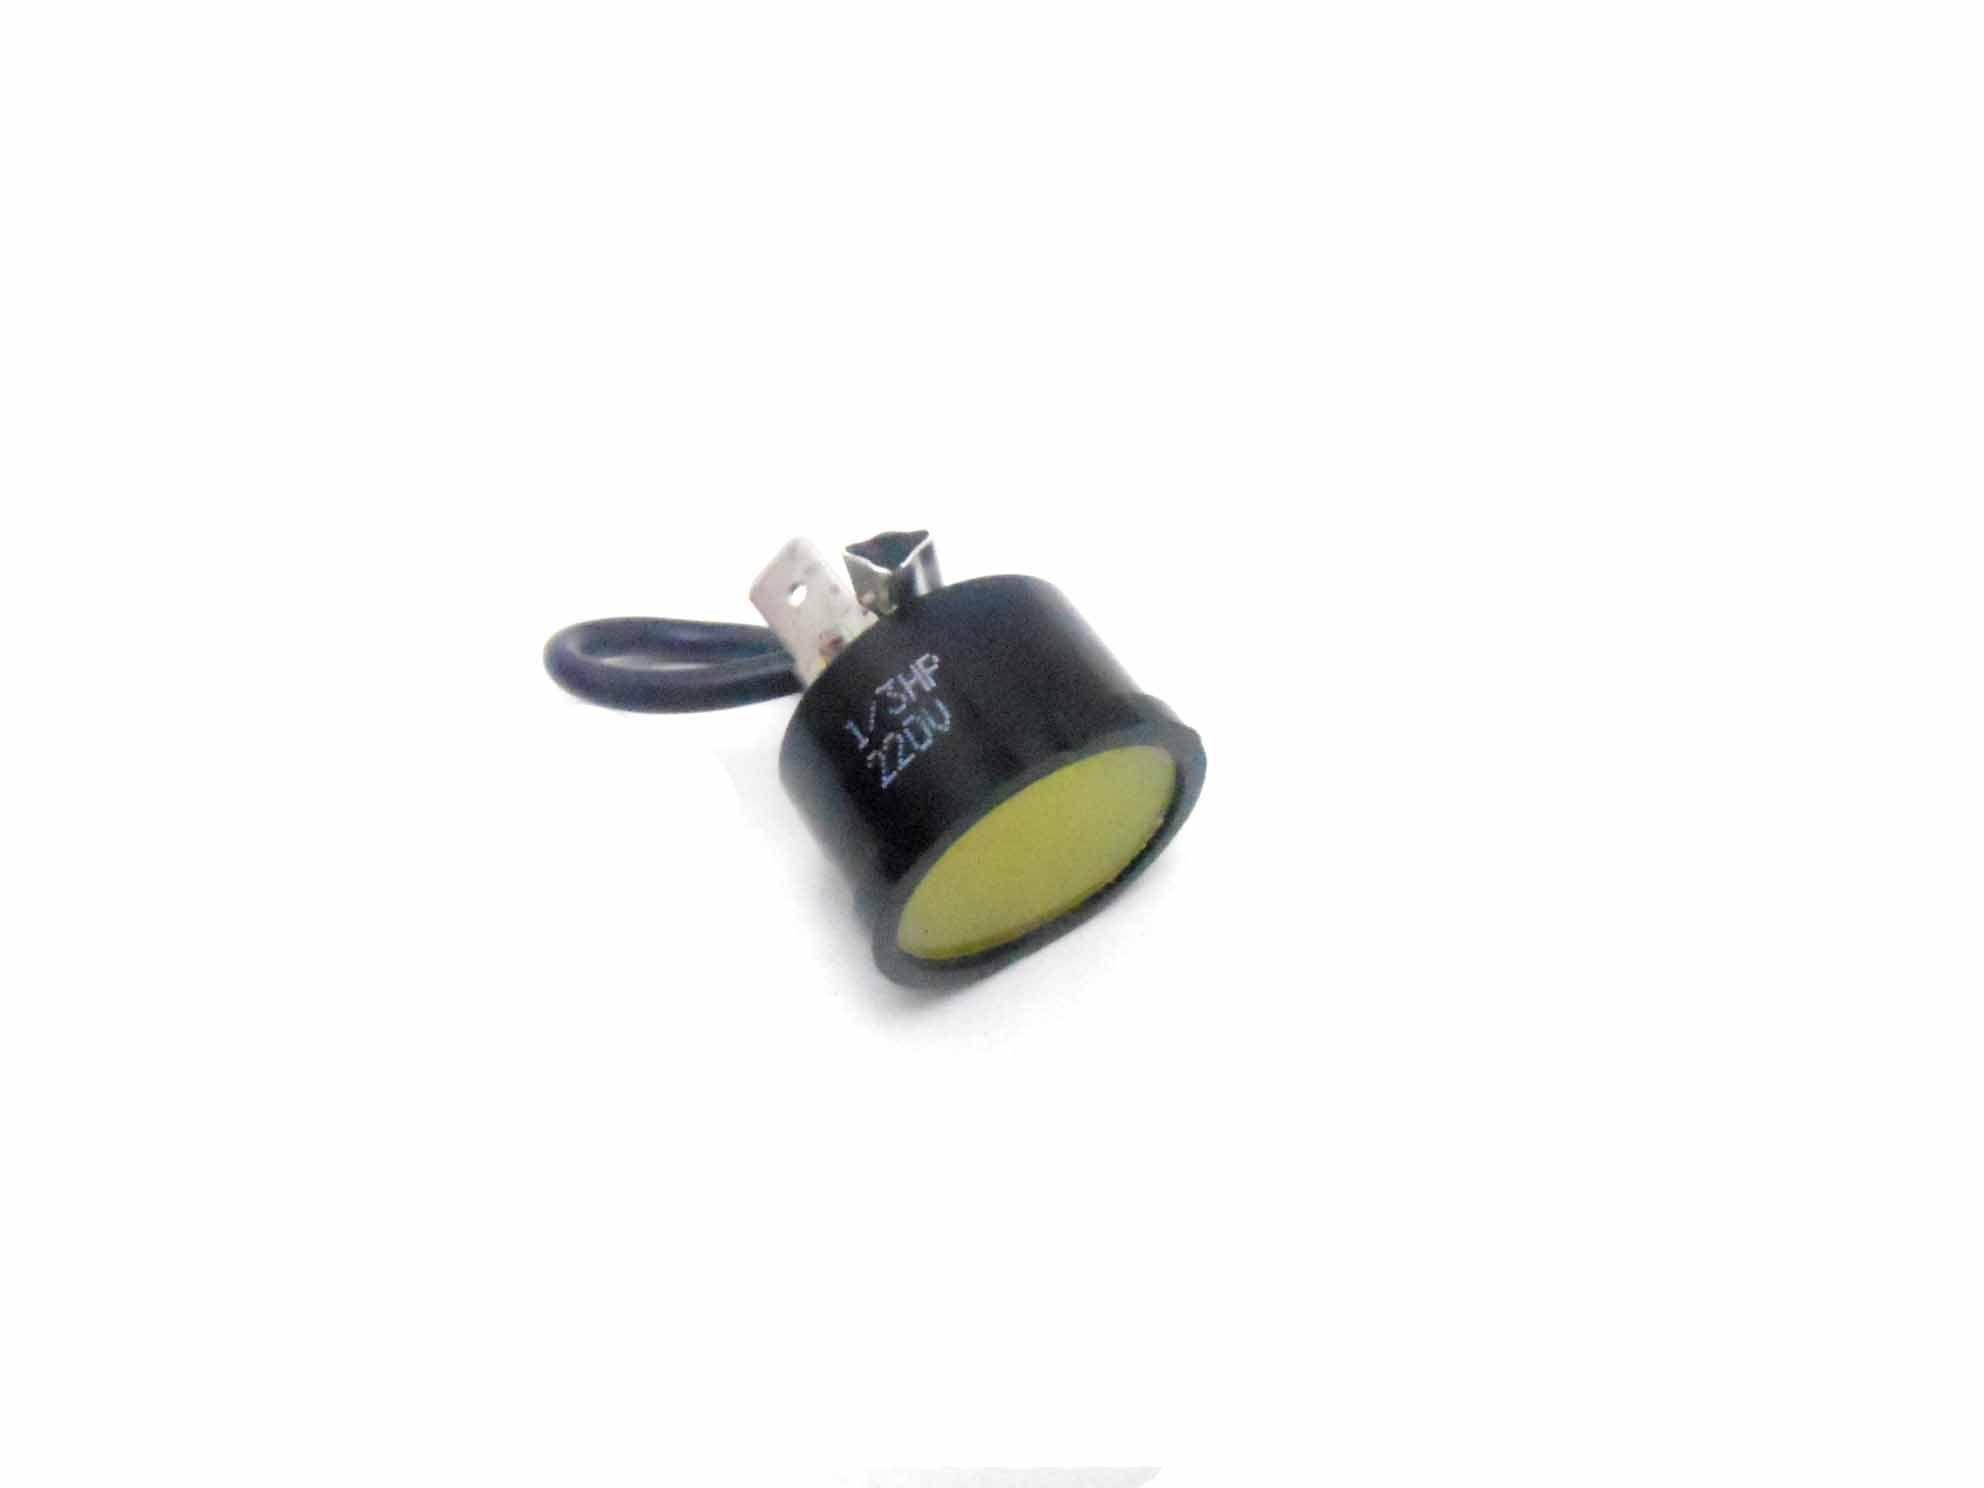 Protetor Sicon/Compela Universal1/3 220V 35319